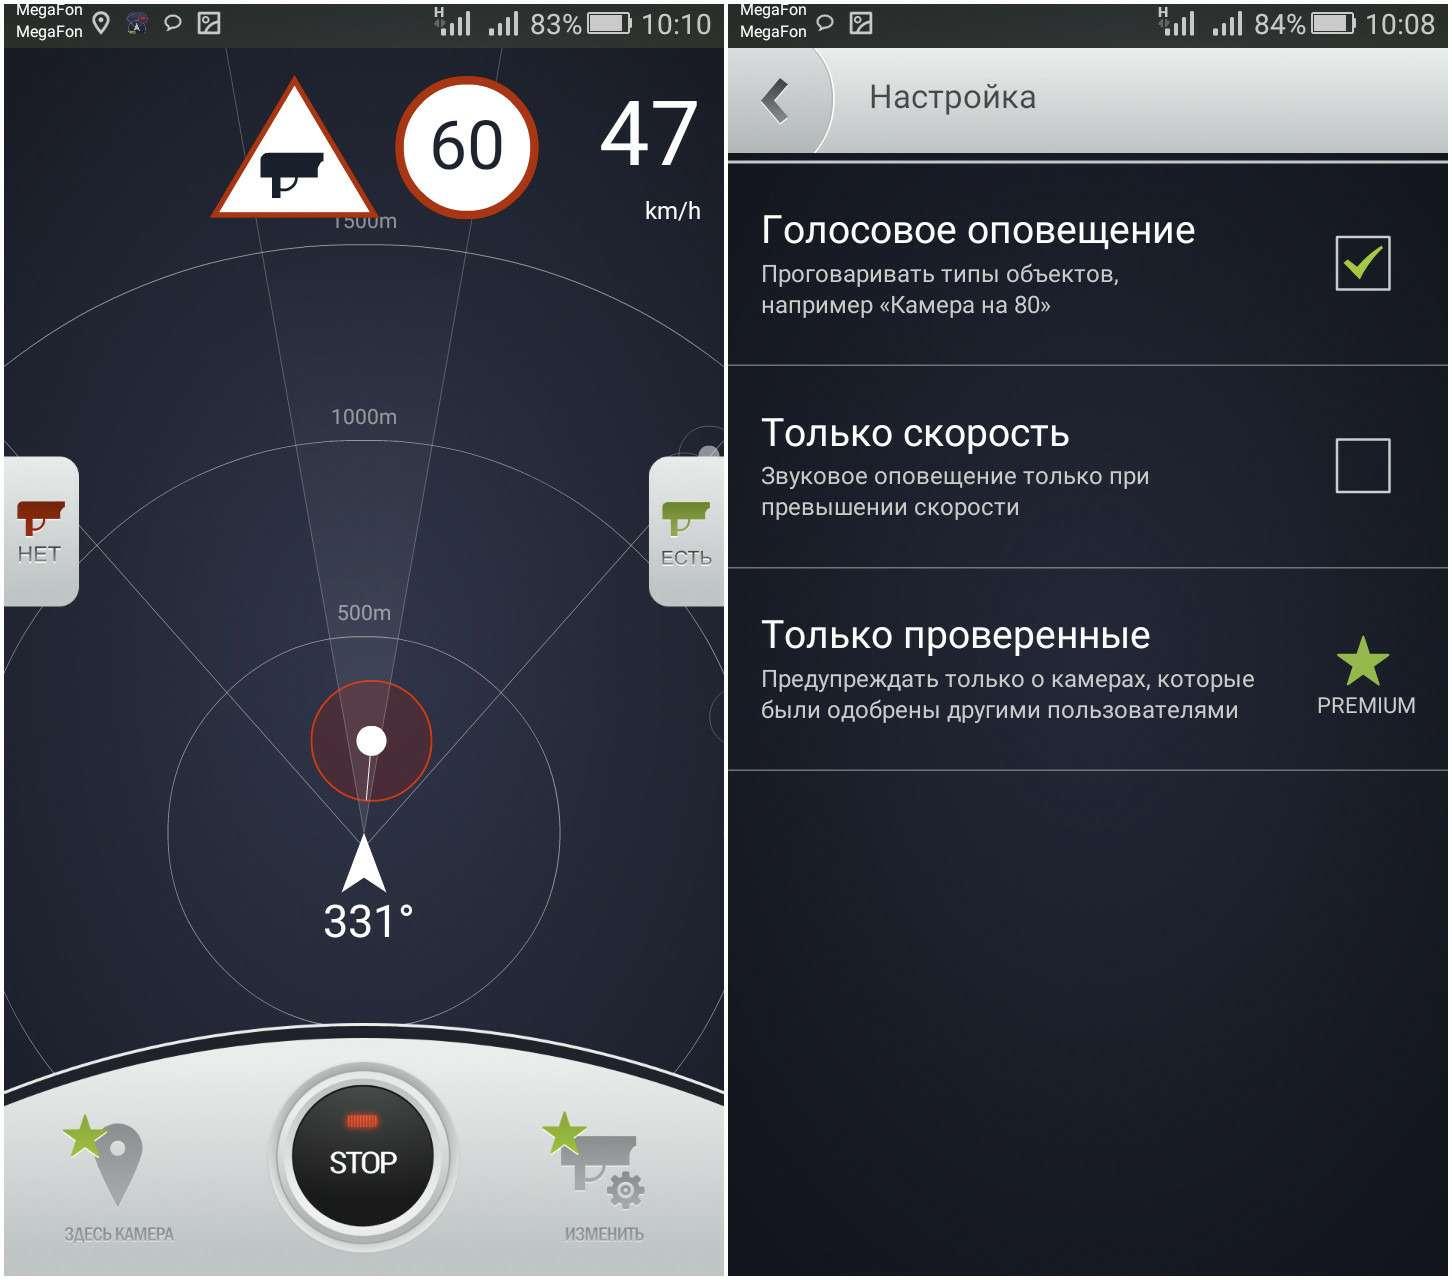 Смартфон вместо радар-детектора: тестируем мобильные приложения— фото 620585